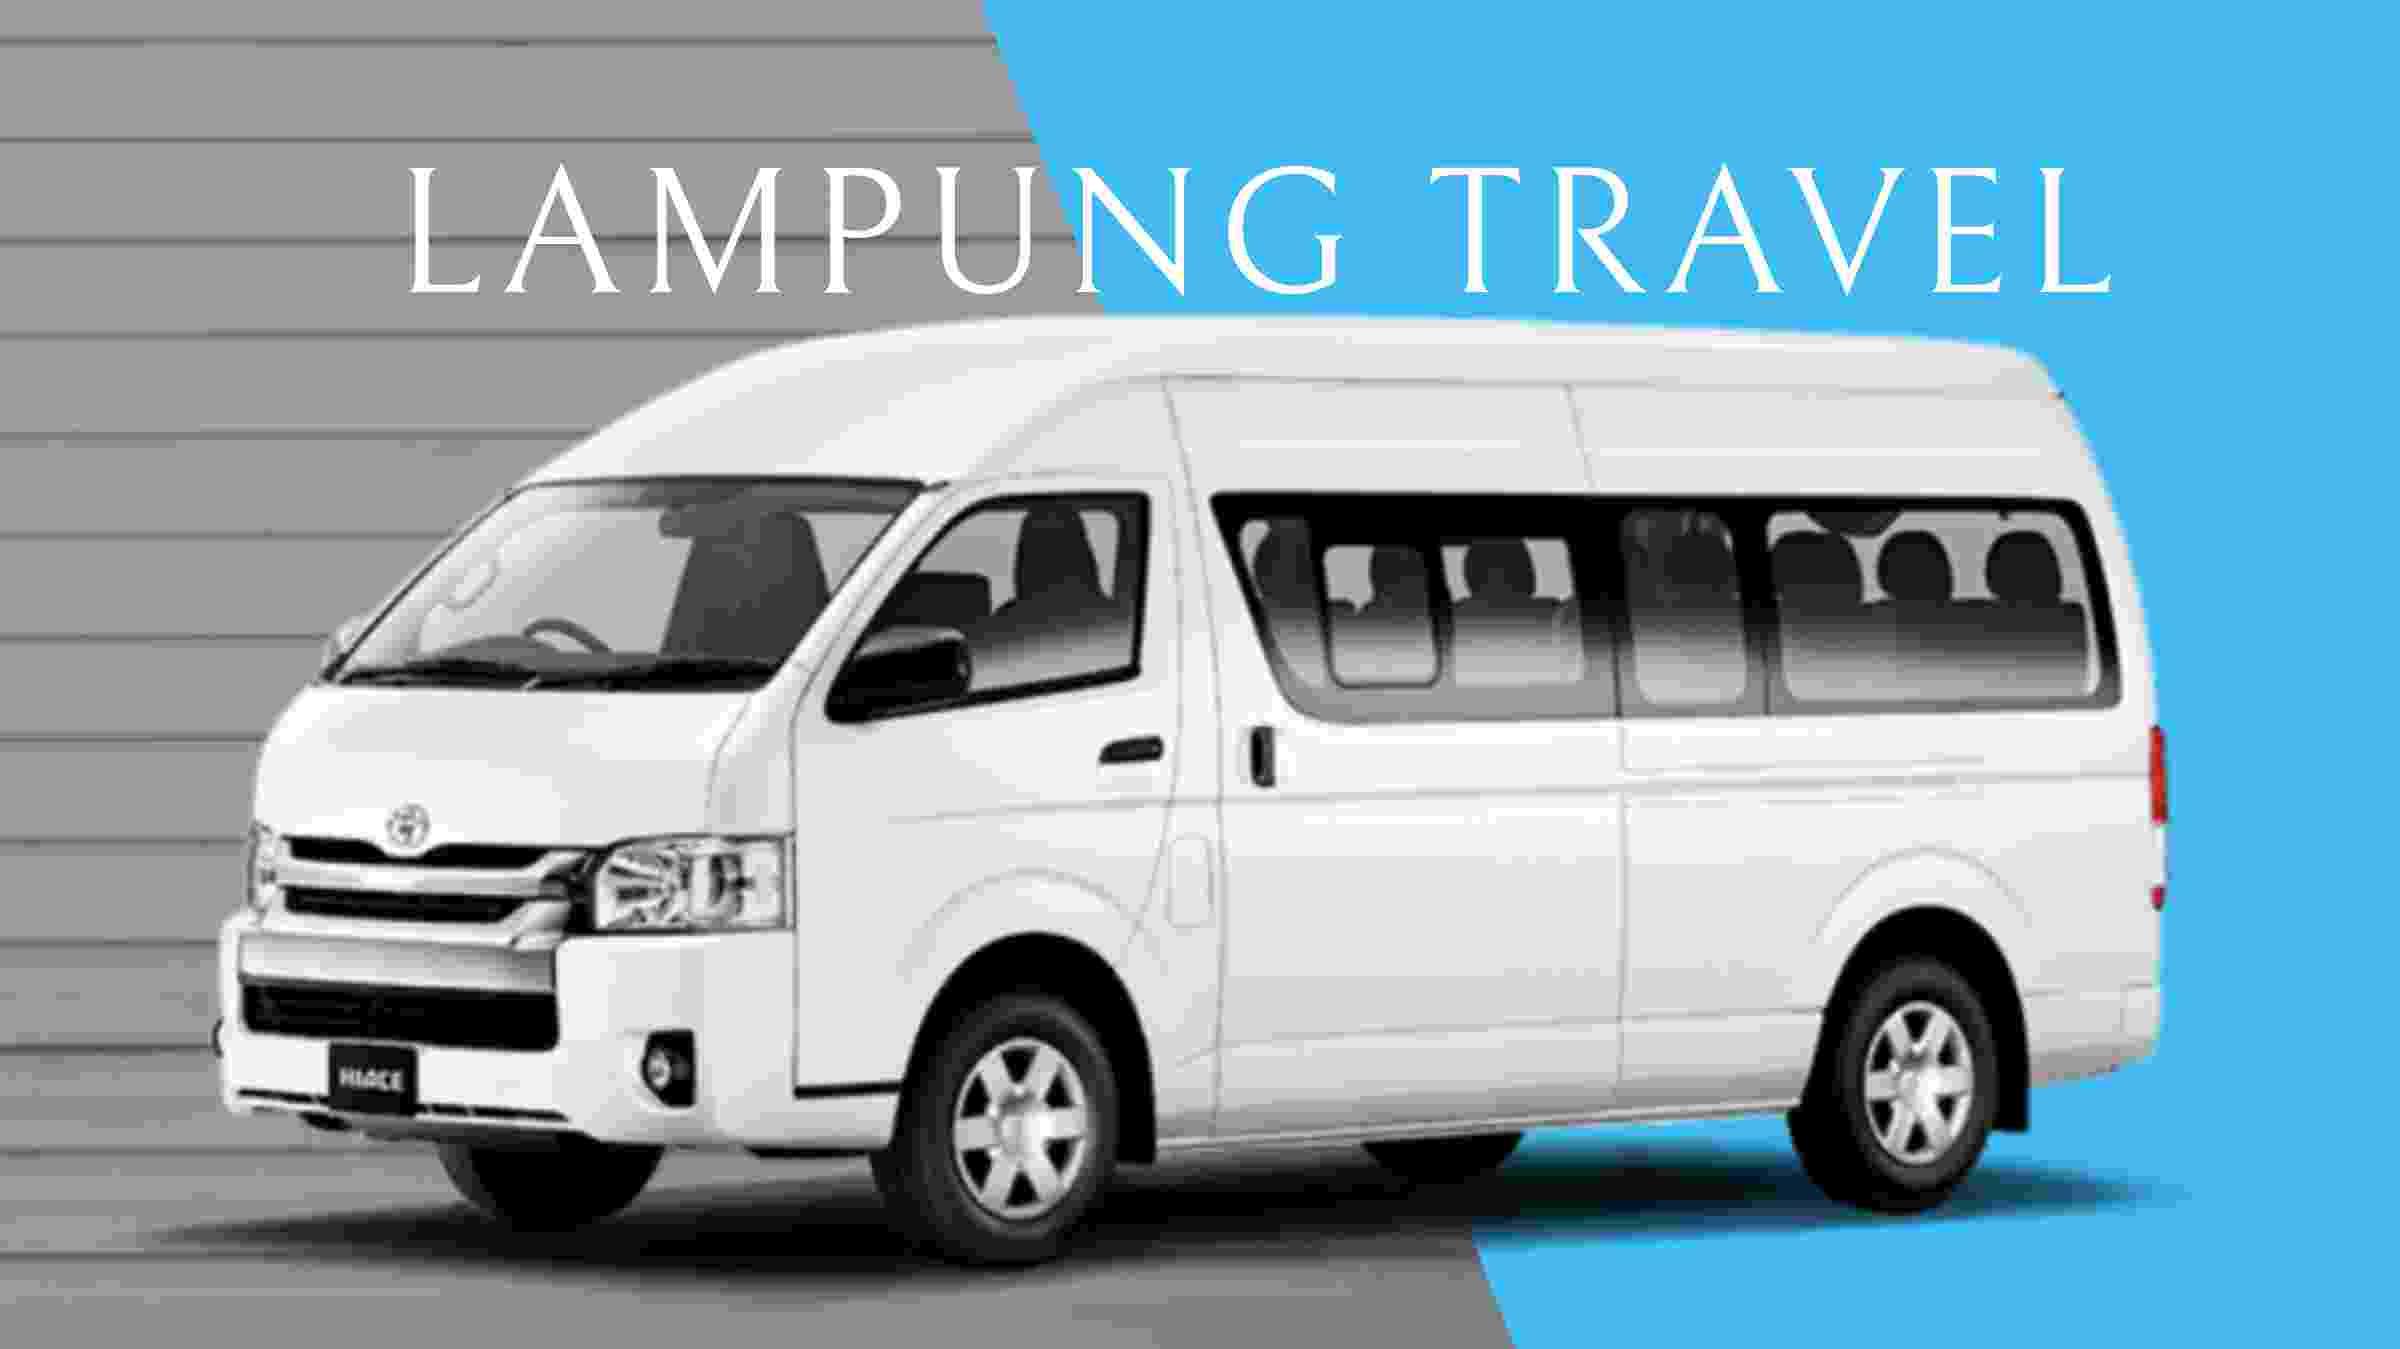 Travel Panjang Lampung Depok